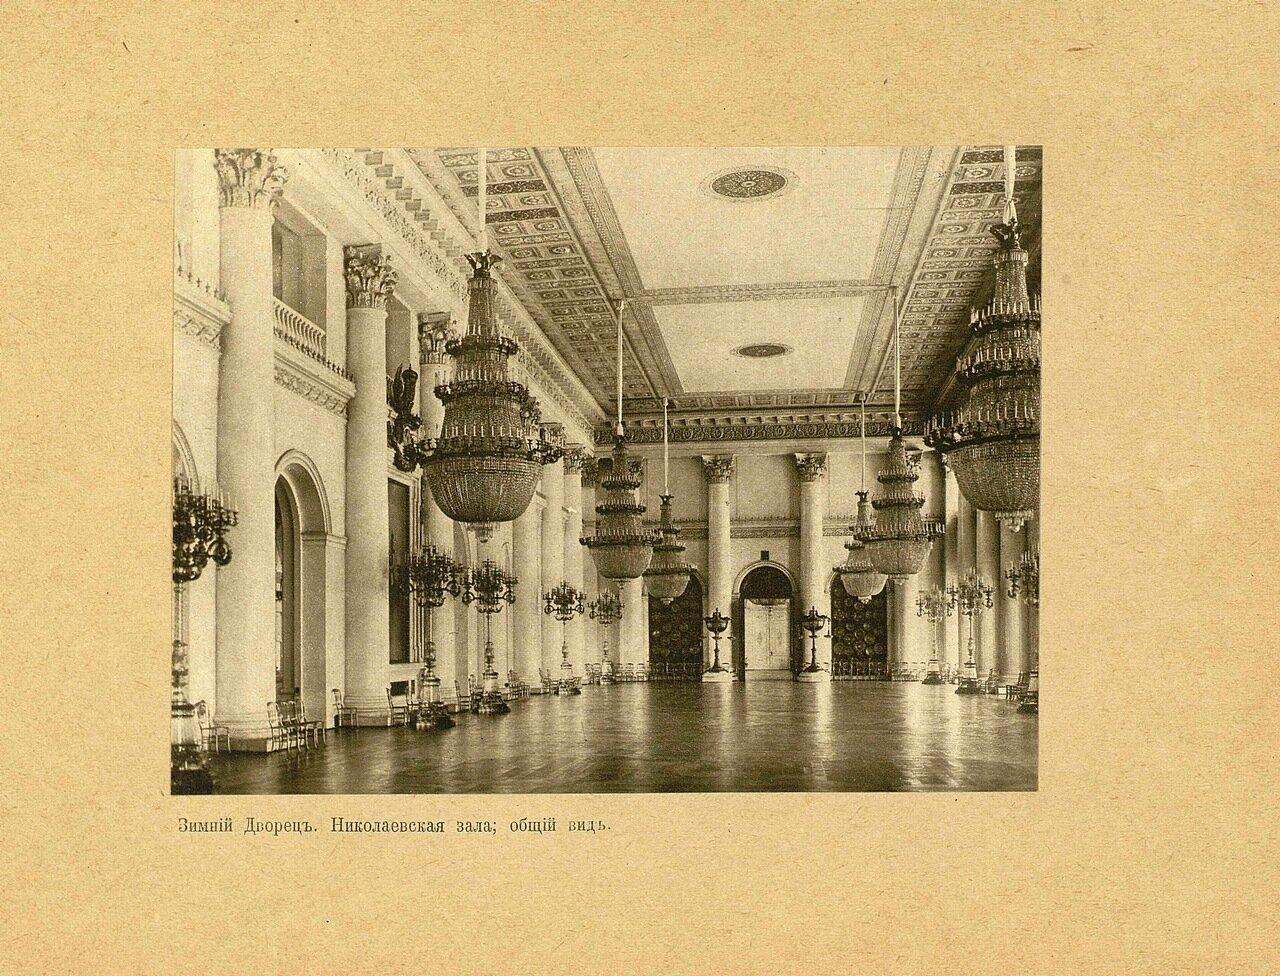 Николаевская зала (общий вид)